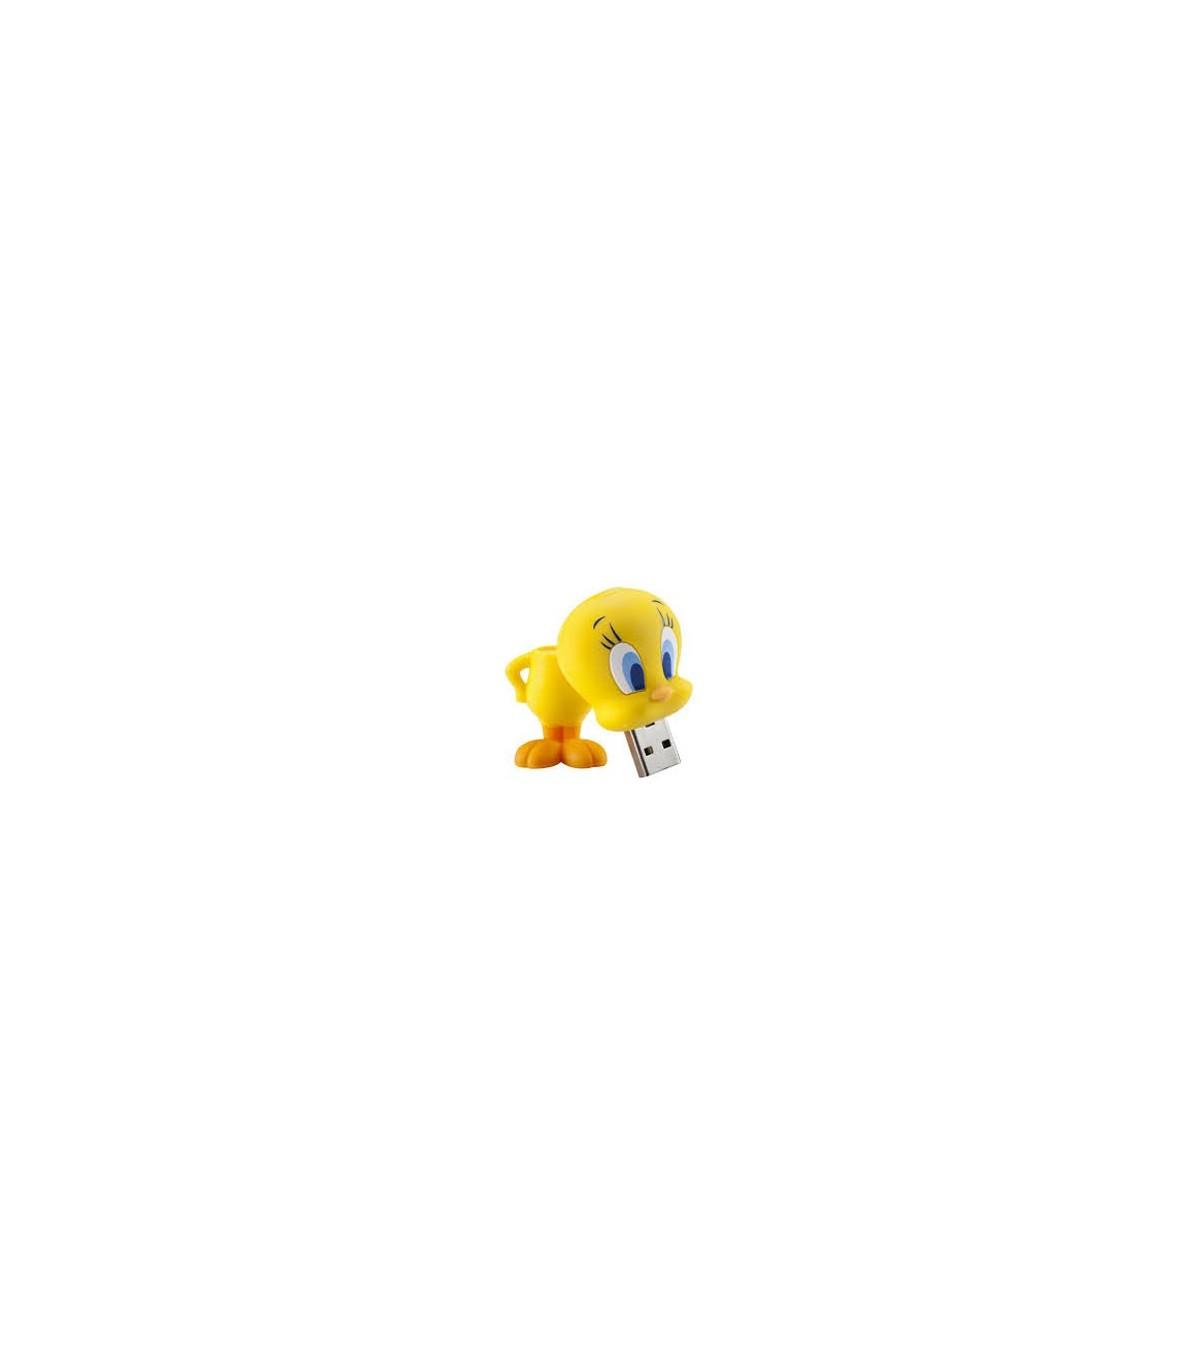 فلش مموری امتک 8 گیگابایت Tweety Bird